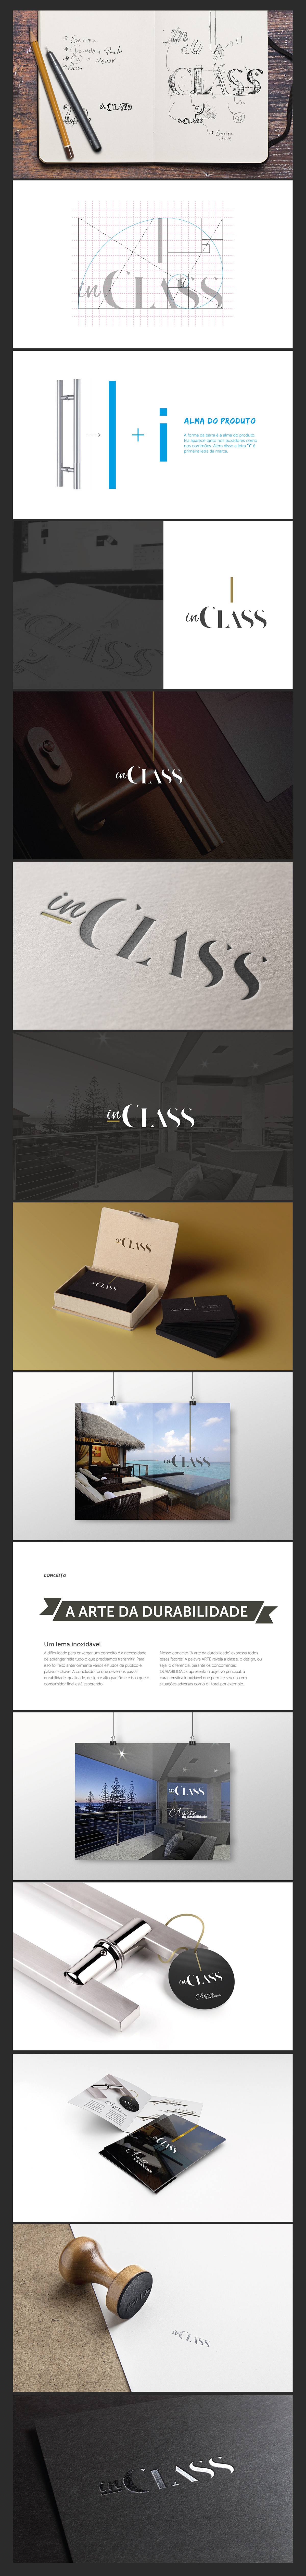 industry industria Inox Stainless inclass marca embalagem clean classe premium brand premium